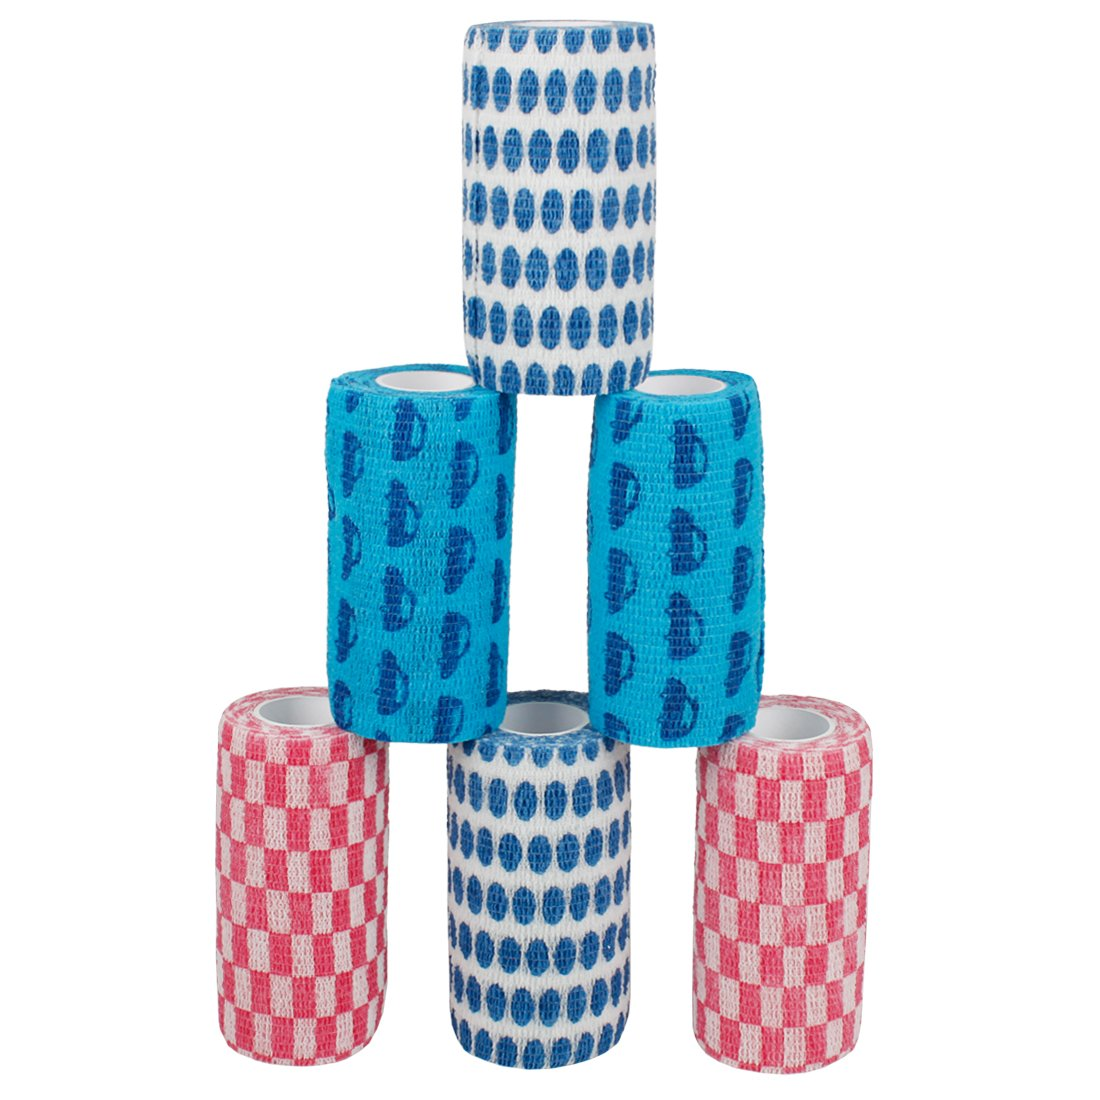 Andux Zone 6 Rotoli Benda Elastica bendaggio Adesiva Coesiva Benda tessuto medico ZZTXBD-02 colore casuale (2.5cm*4.5m)